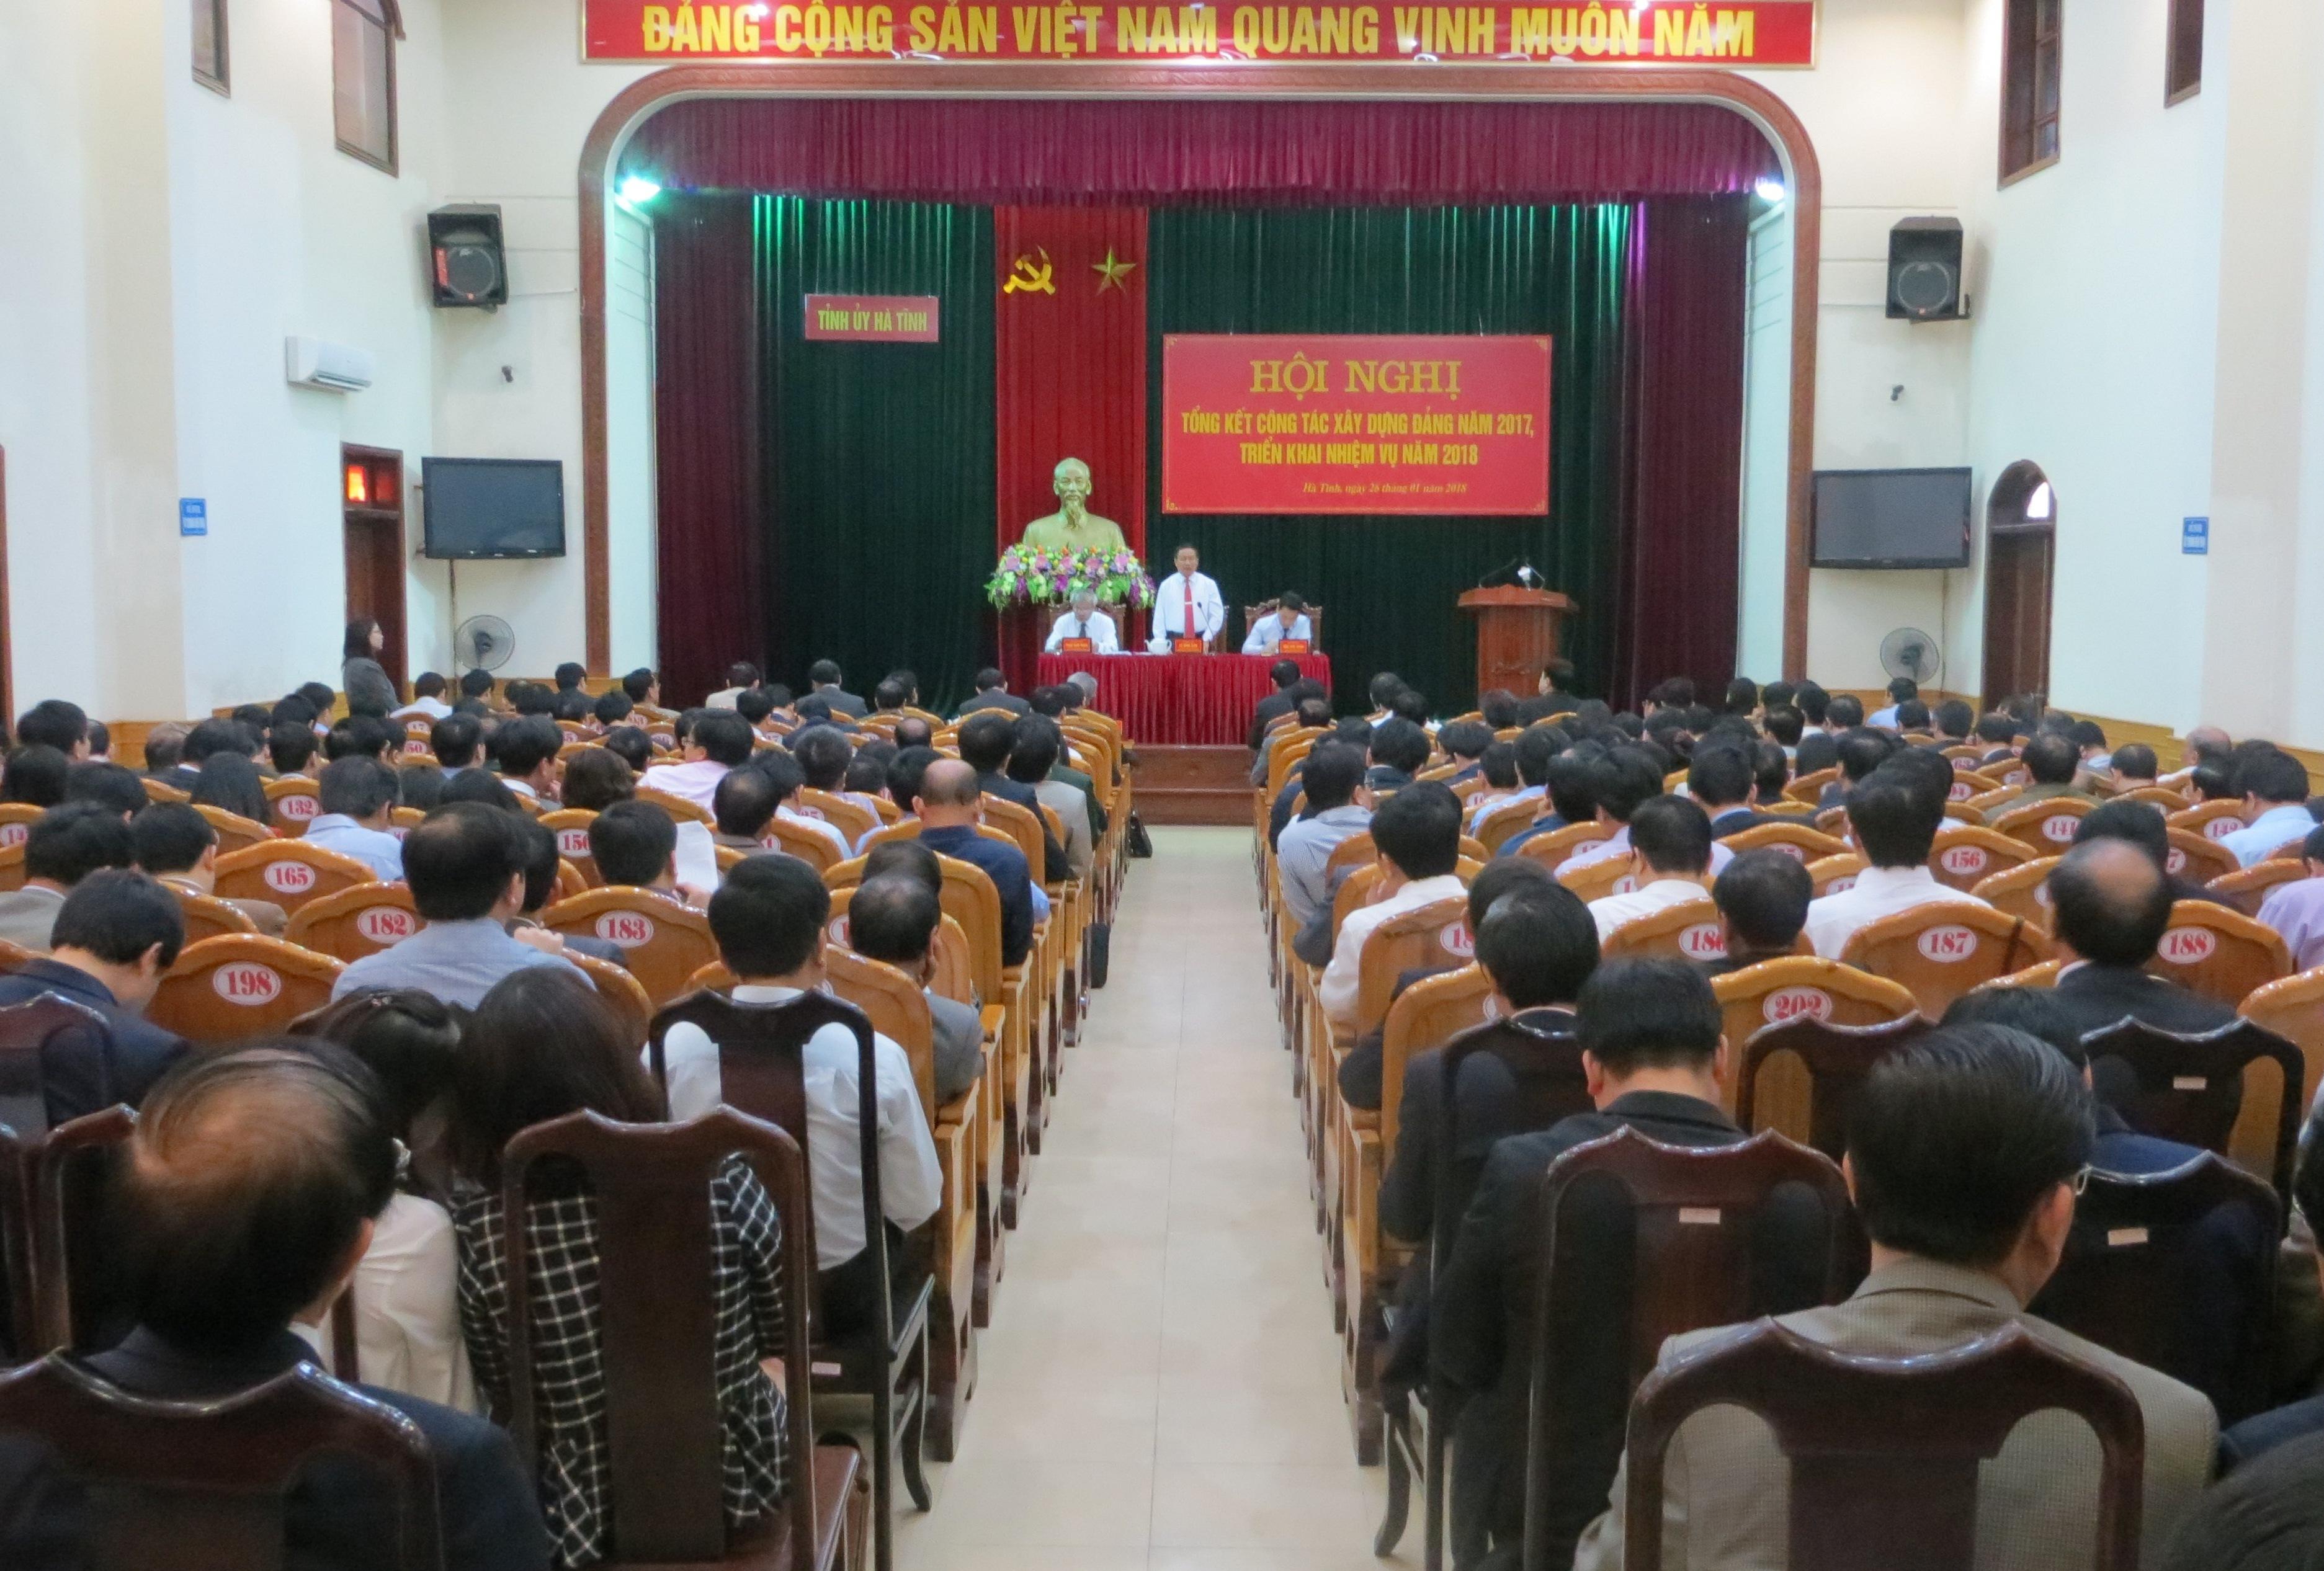 Tỉnh ủy Hà Tĩnh tổng kết hoạt động năm 2017